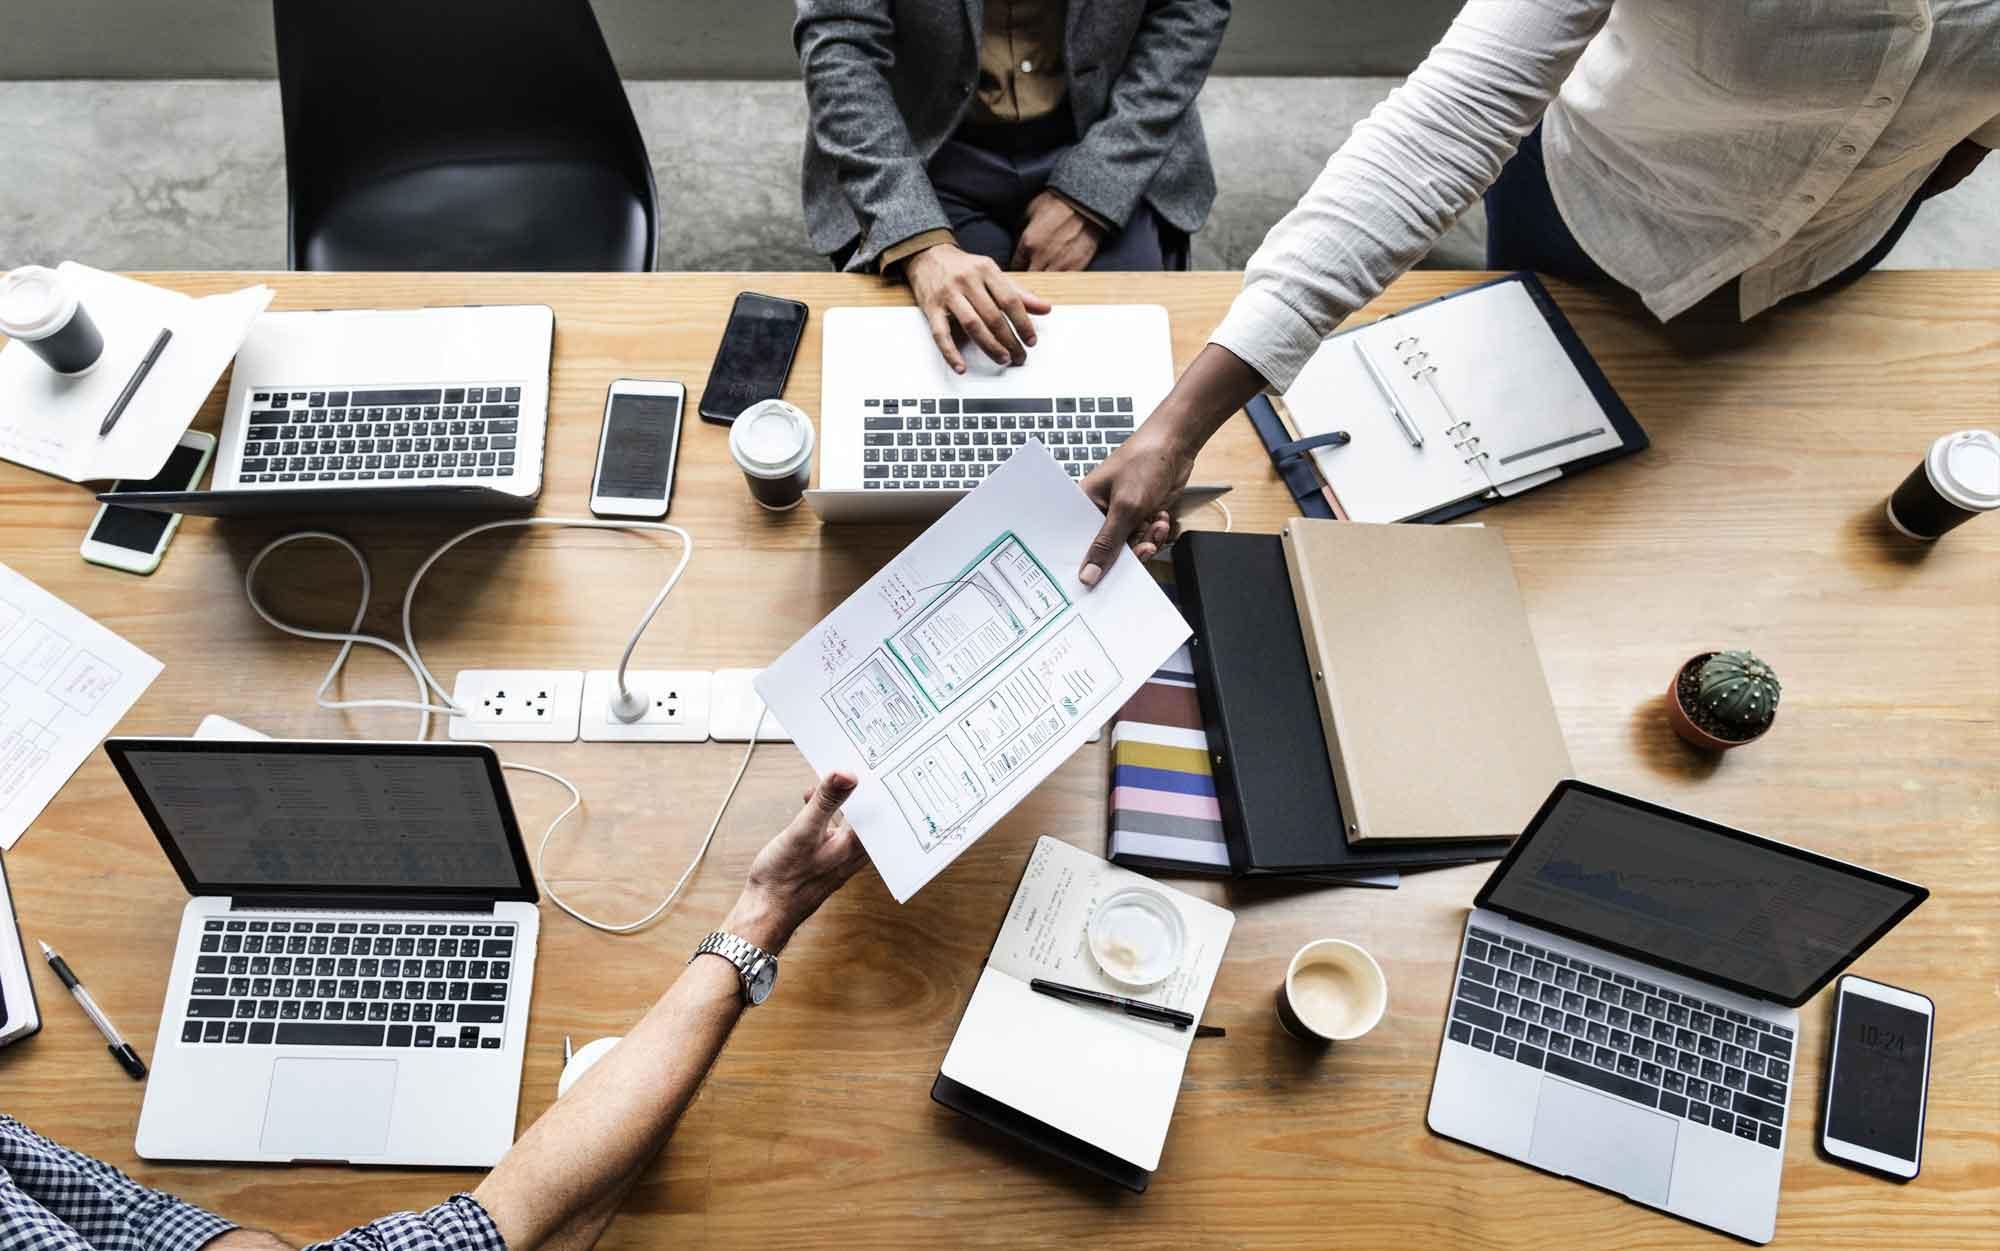 Quem tem poder no ambiente de trabalho, talvez um CEO ou um tipo de líder sênior, vai sentir um desconforto com o poder sendo desafiado